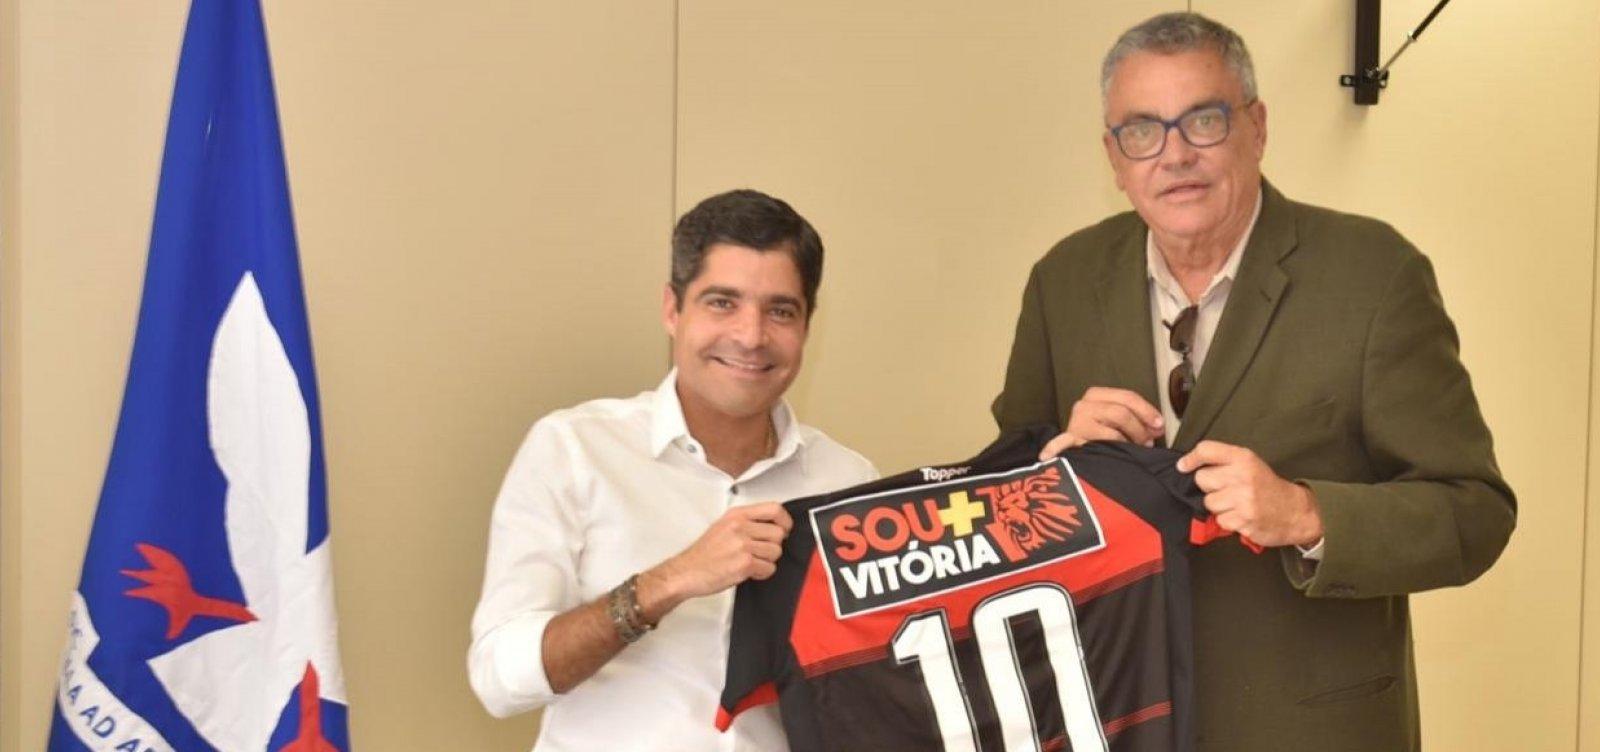 ACM Neto se reúne com Paulo Carneiro e promete atuação para ajudar o Vitória